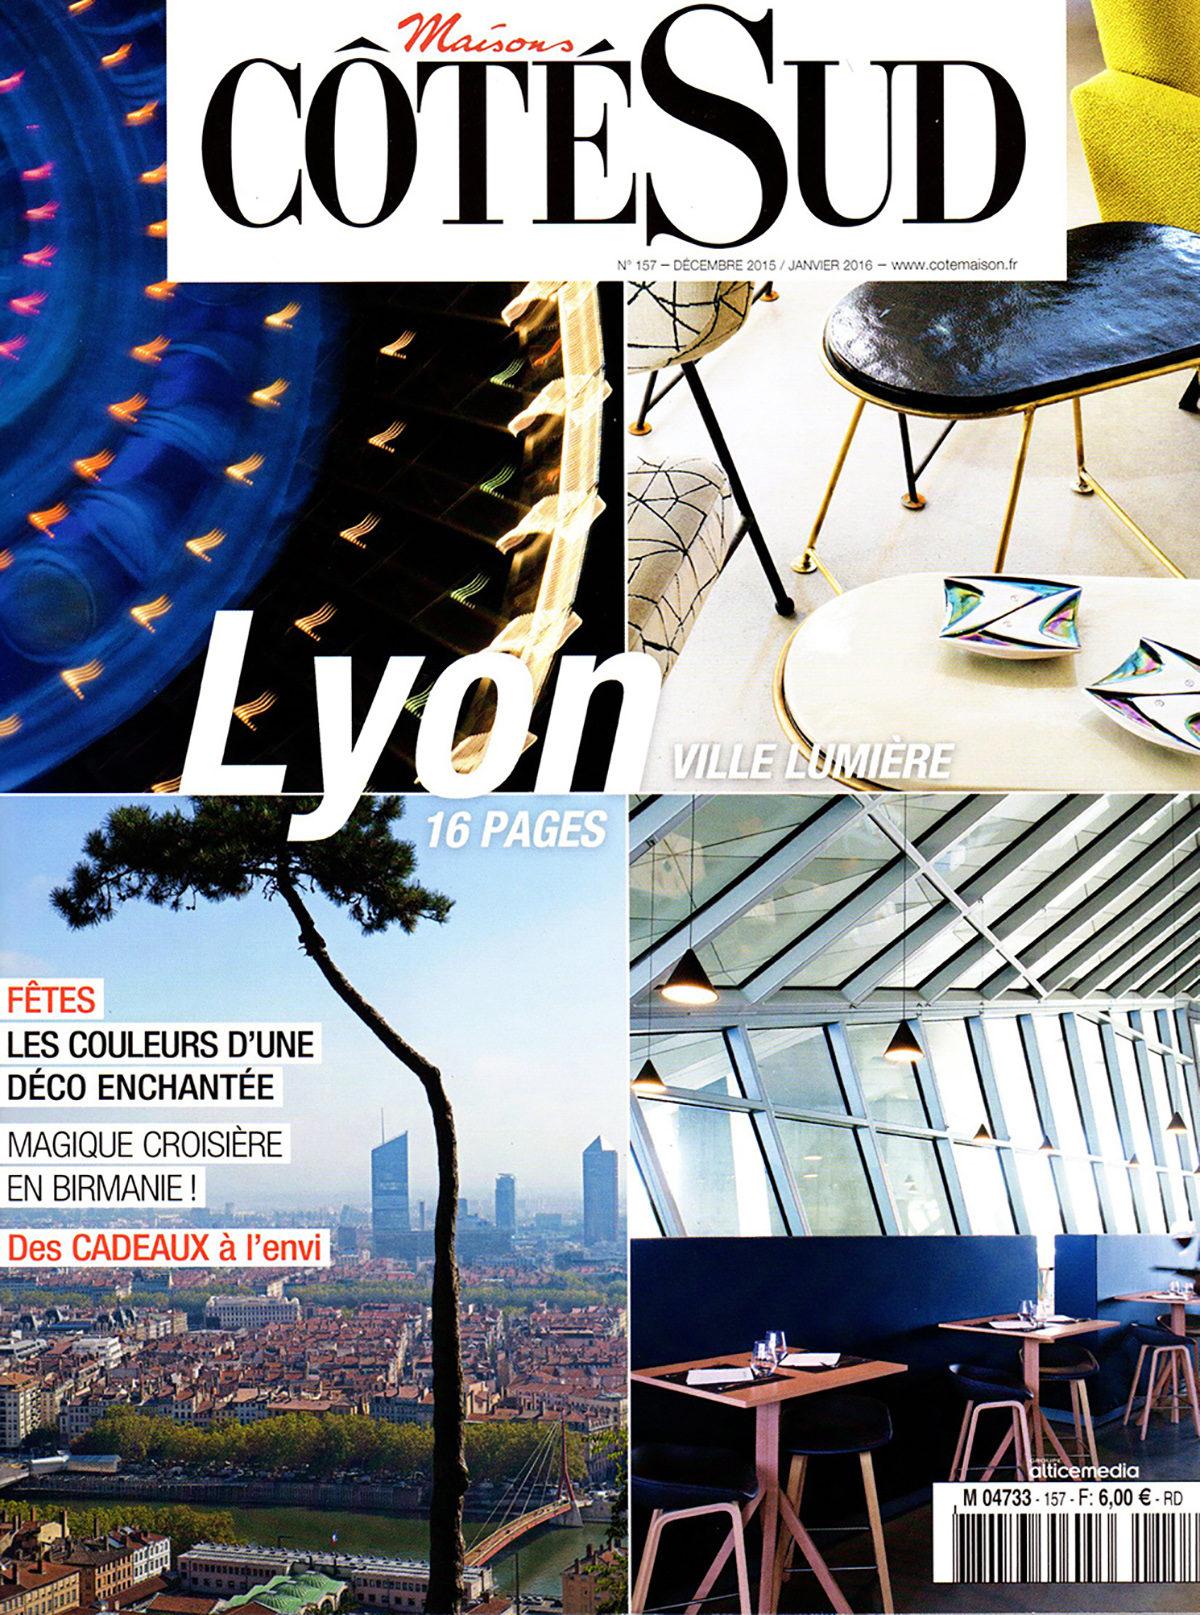 Parution presse CÔTÉ SUD SPÉCIAL LYON 2015 Claude Cartier décoration architecte d'intérieur à Lyon.